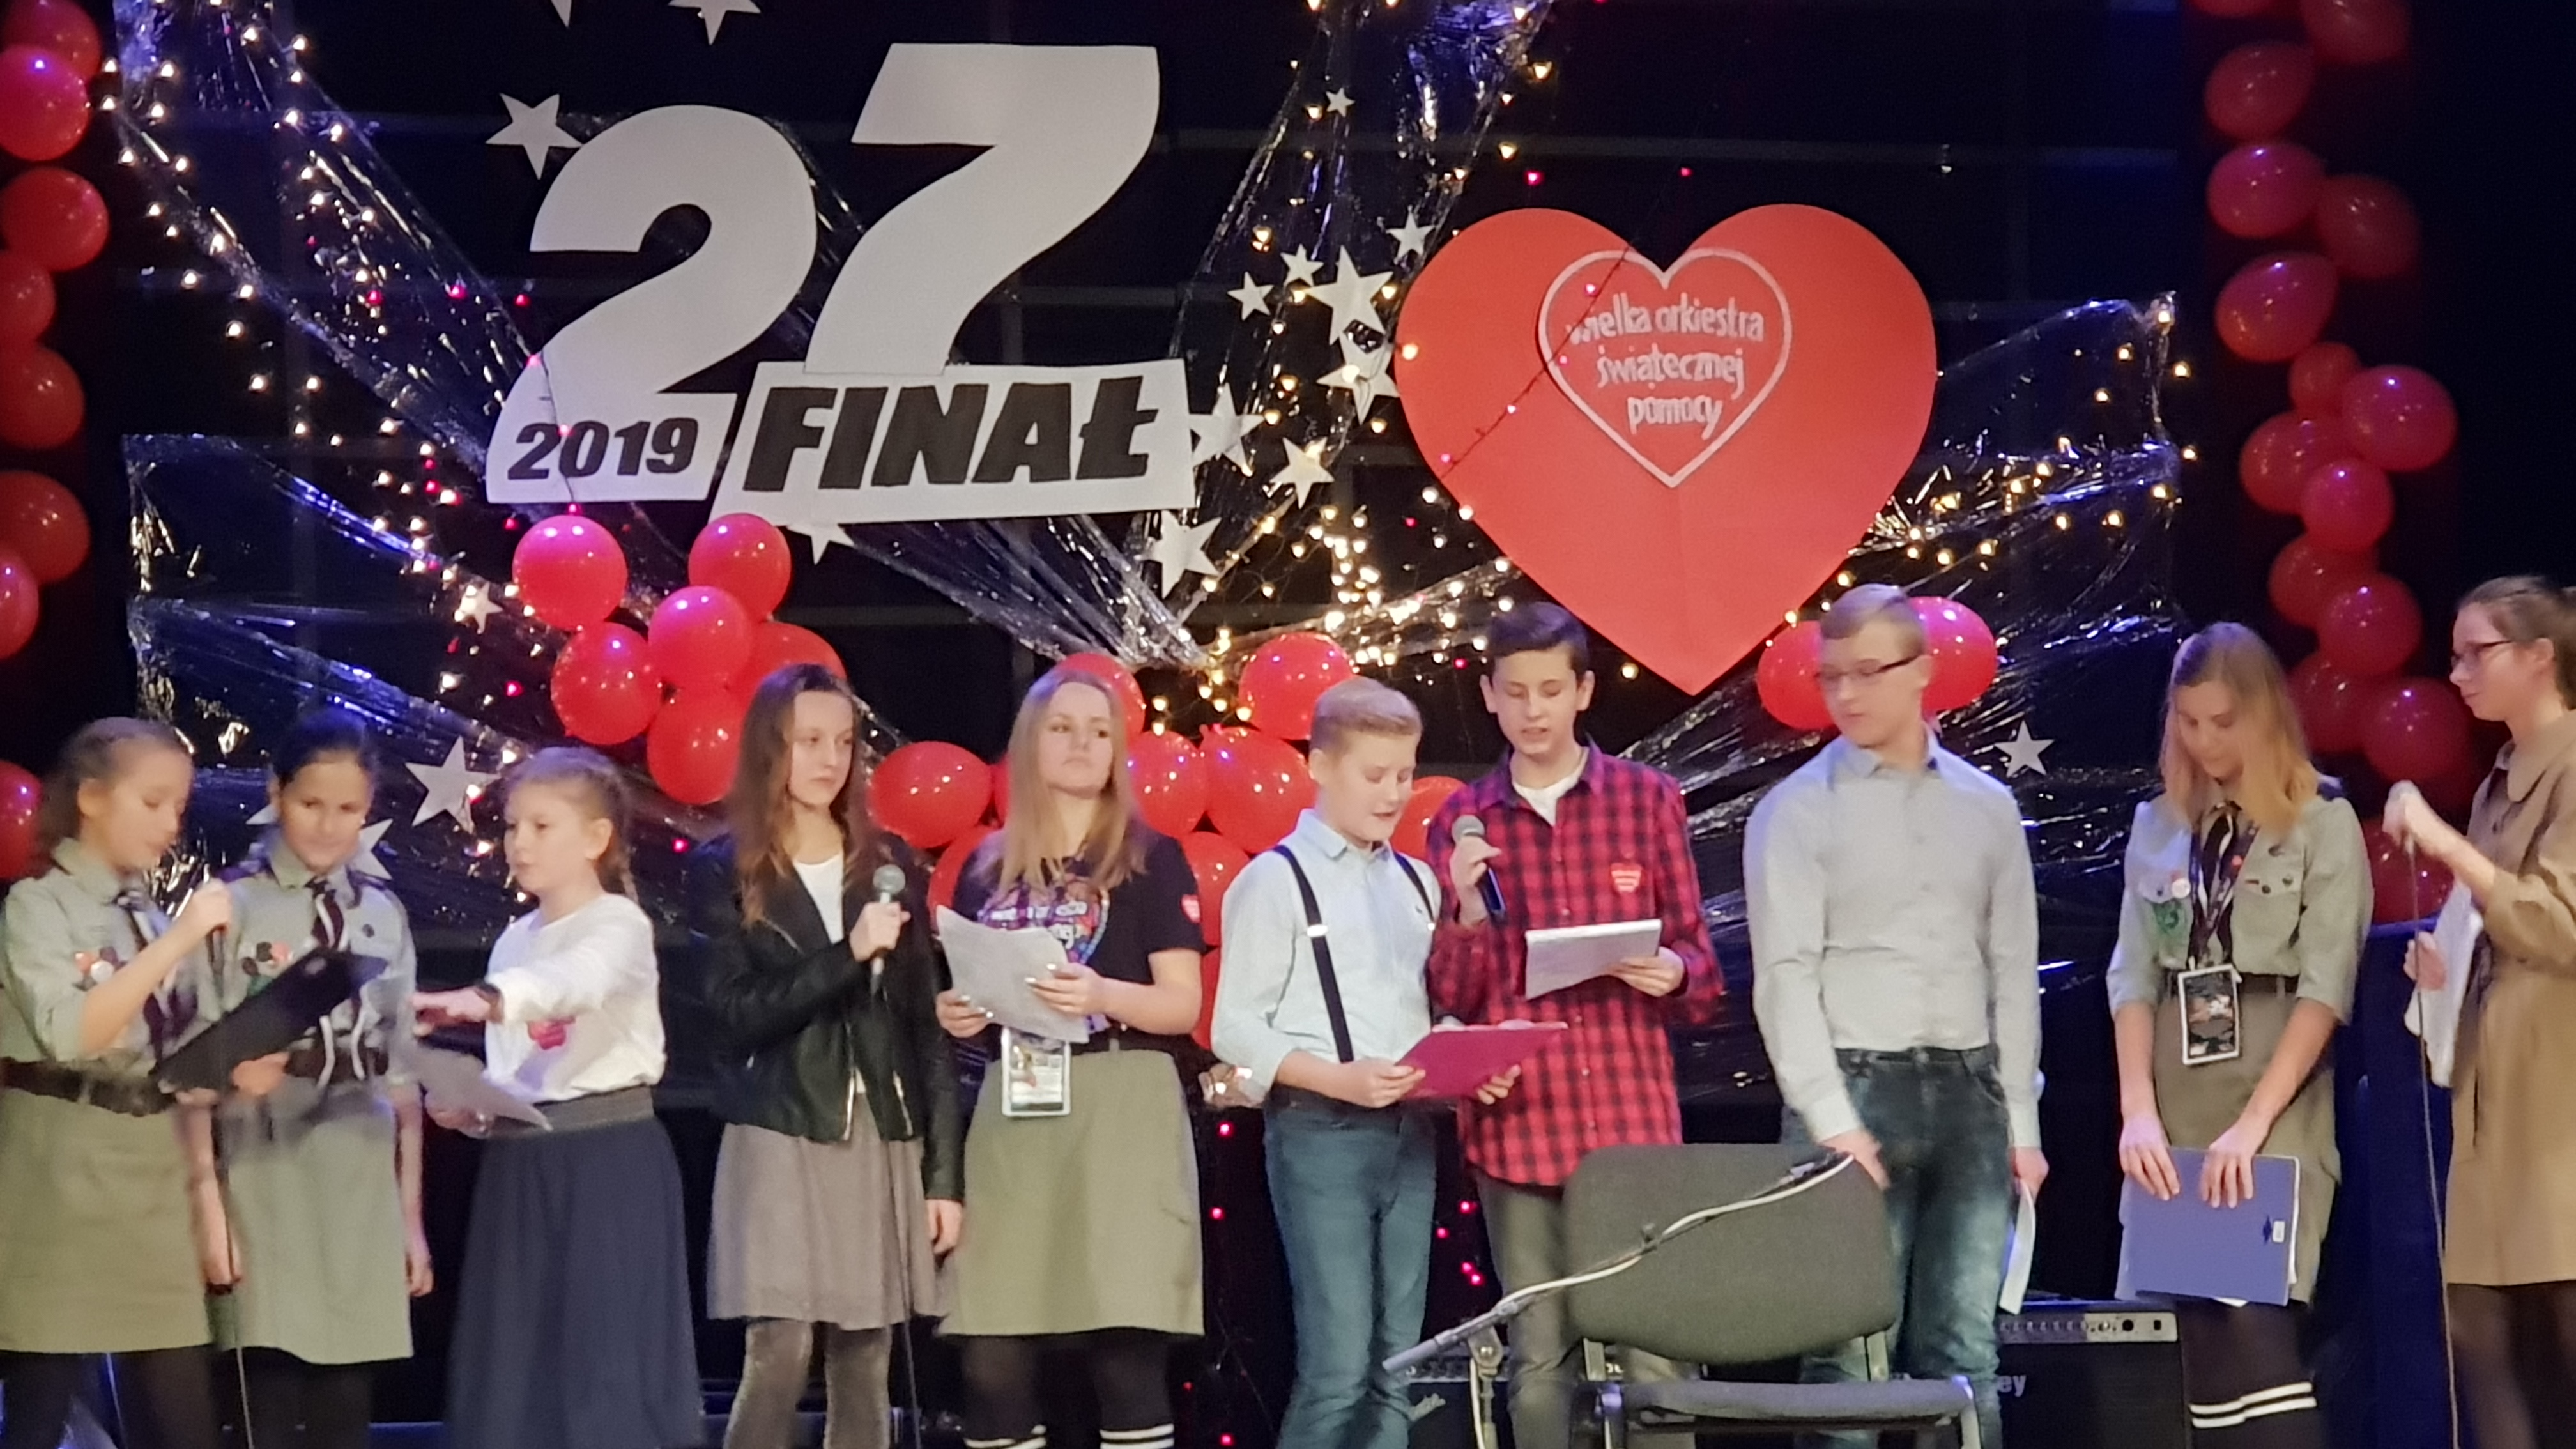 FOTORELACJA – 27 finał WOŚP w Koźminie Wlkp. – występ uczniów SP 1